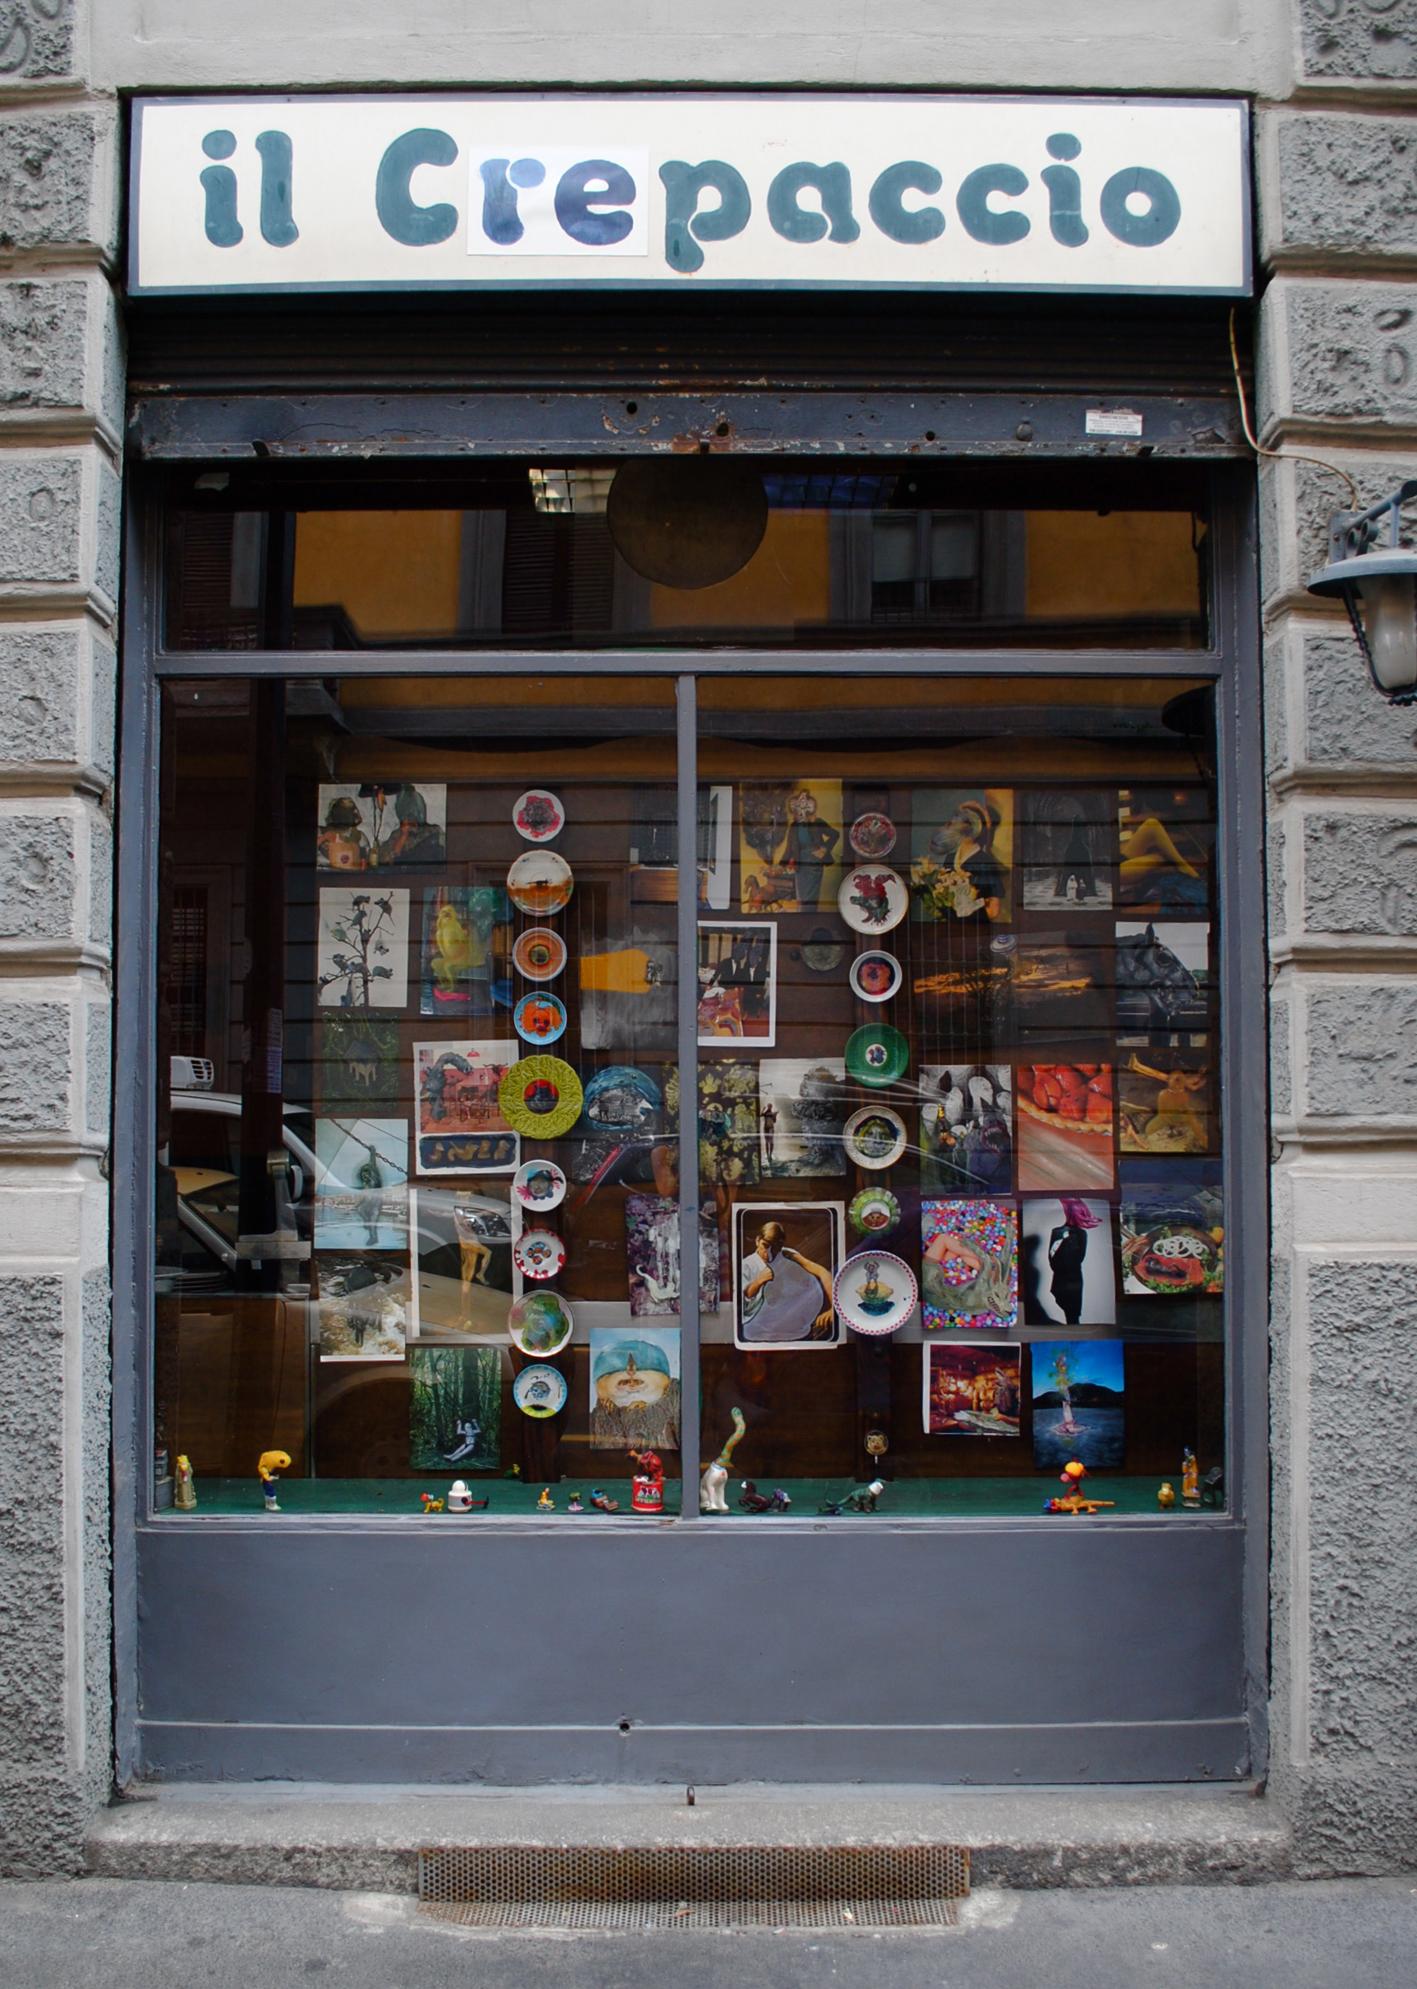 Installazione di Thomas Braida per Il Crepaccio, Milano, 2012. / Installation by Thomas Braida for Il Crepaccio, Milan, 2012.